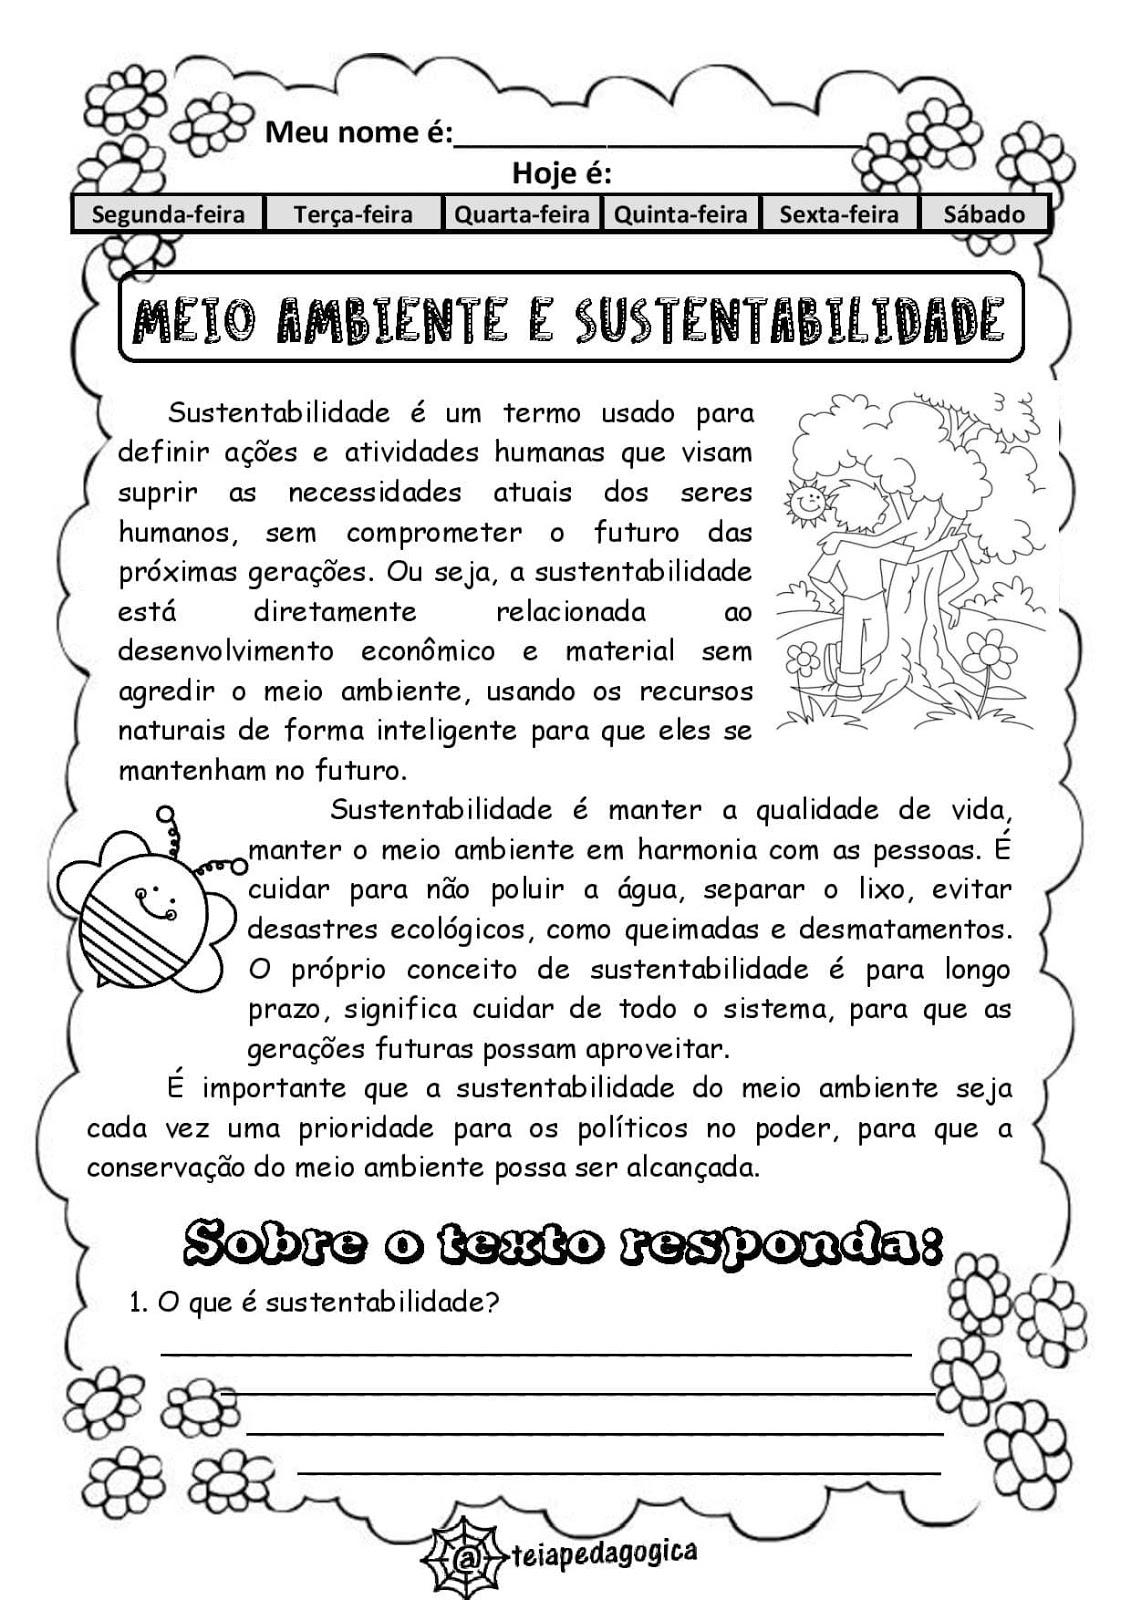 Caderno%2BMeio%2Bambiente%2BA%2BARVORE%2BGENEROSA-page-021-min Atividades sobre Meio Ambiente